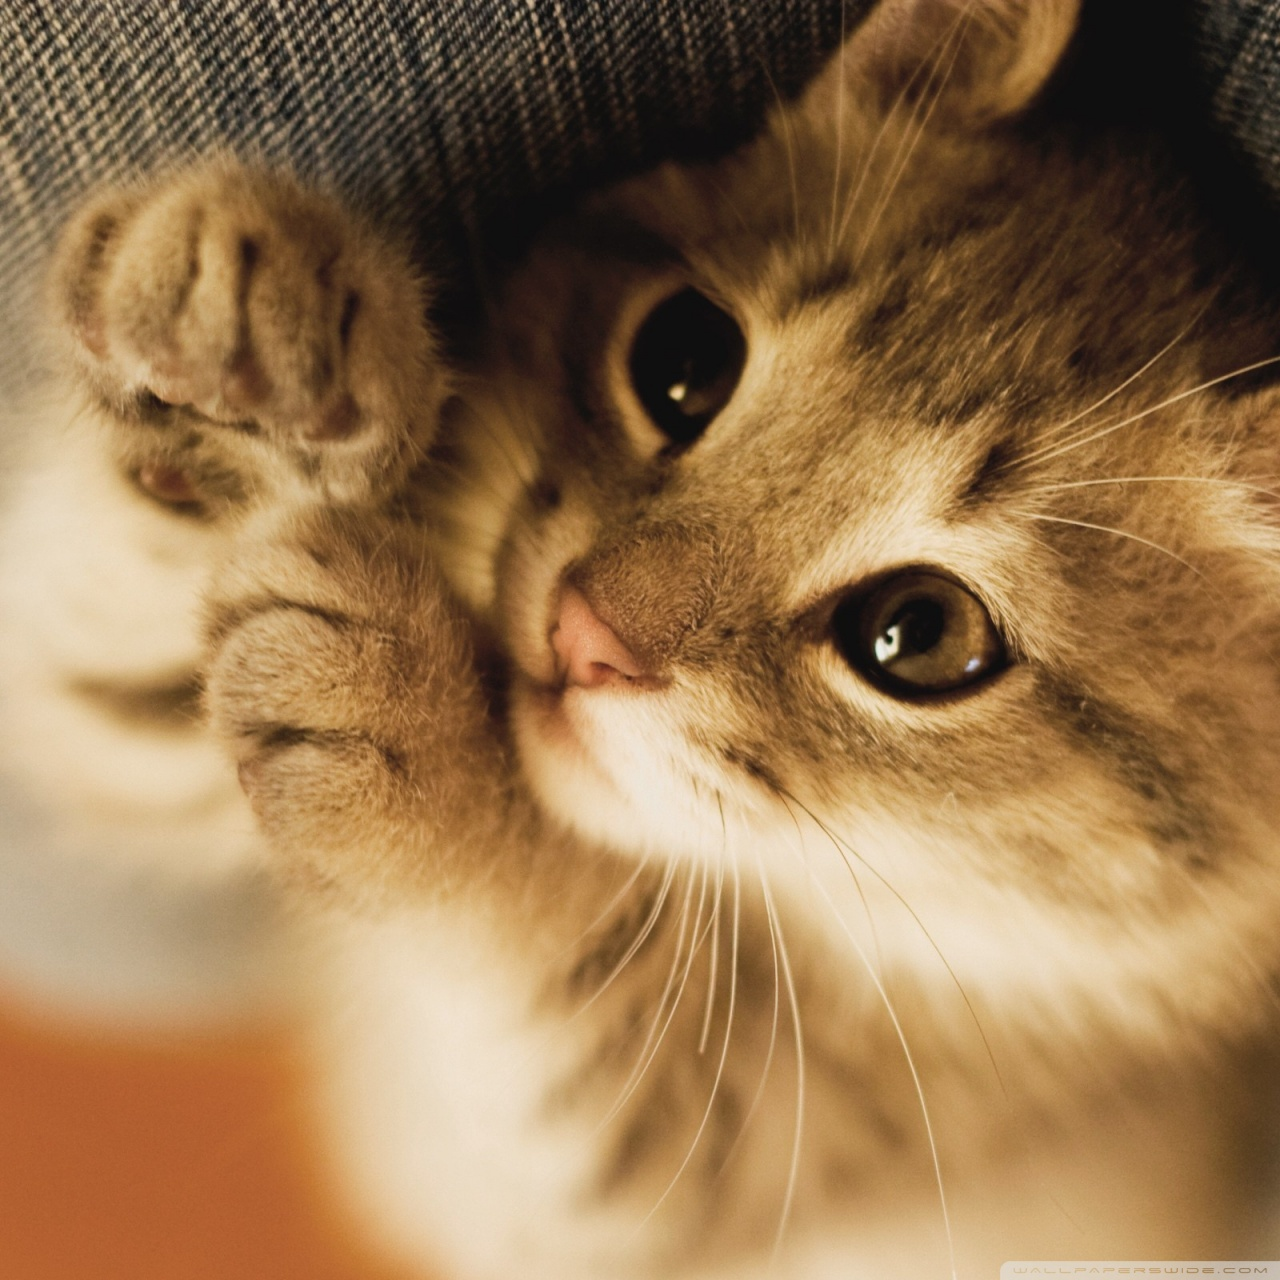 Cute Lazy Kitten 4K HD Desktop Wallpaper For Ultra TV